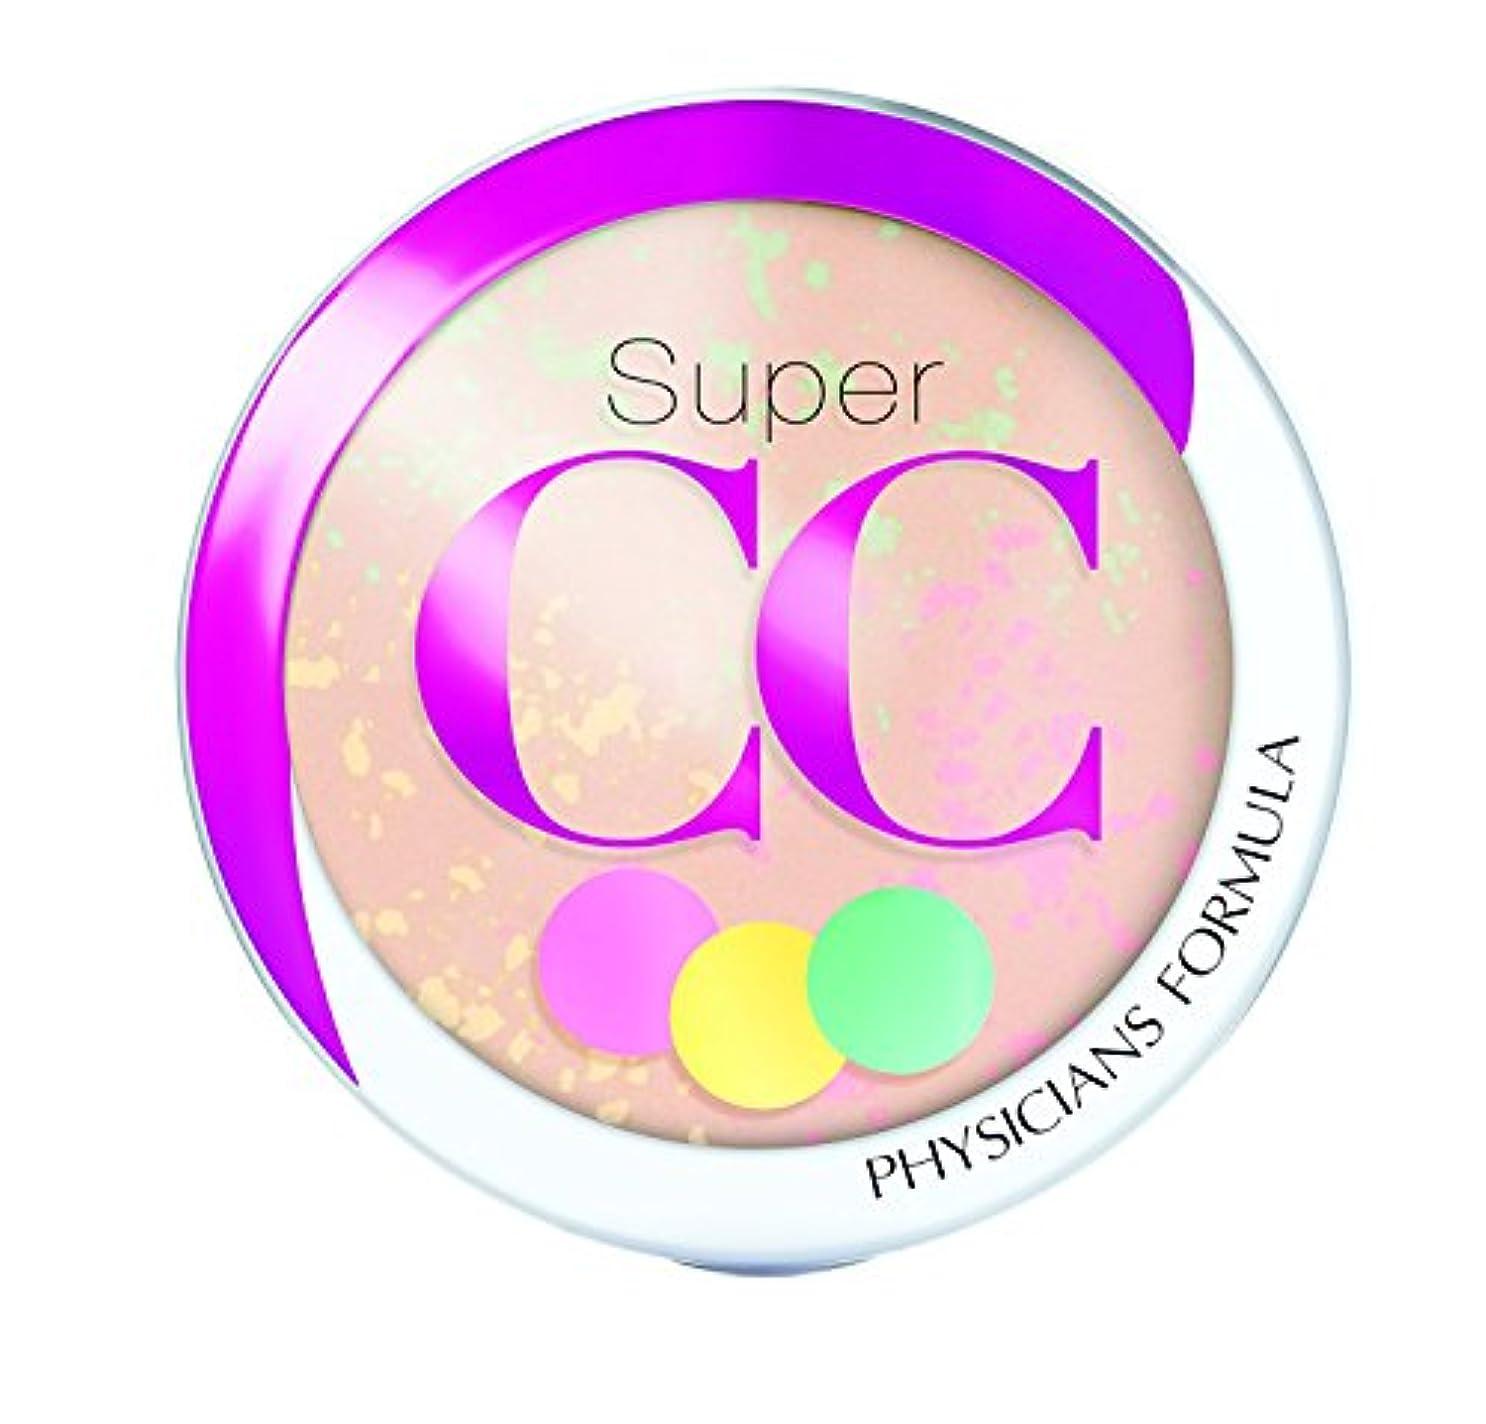 ガジュマルクリークヒゲPHYSICIANS FORMULA Super CC+ Color-Correction + Care CC+ Powder SPF 30 - Light/Medium